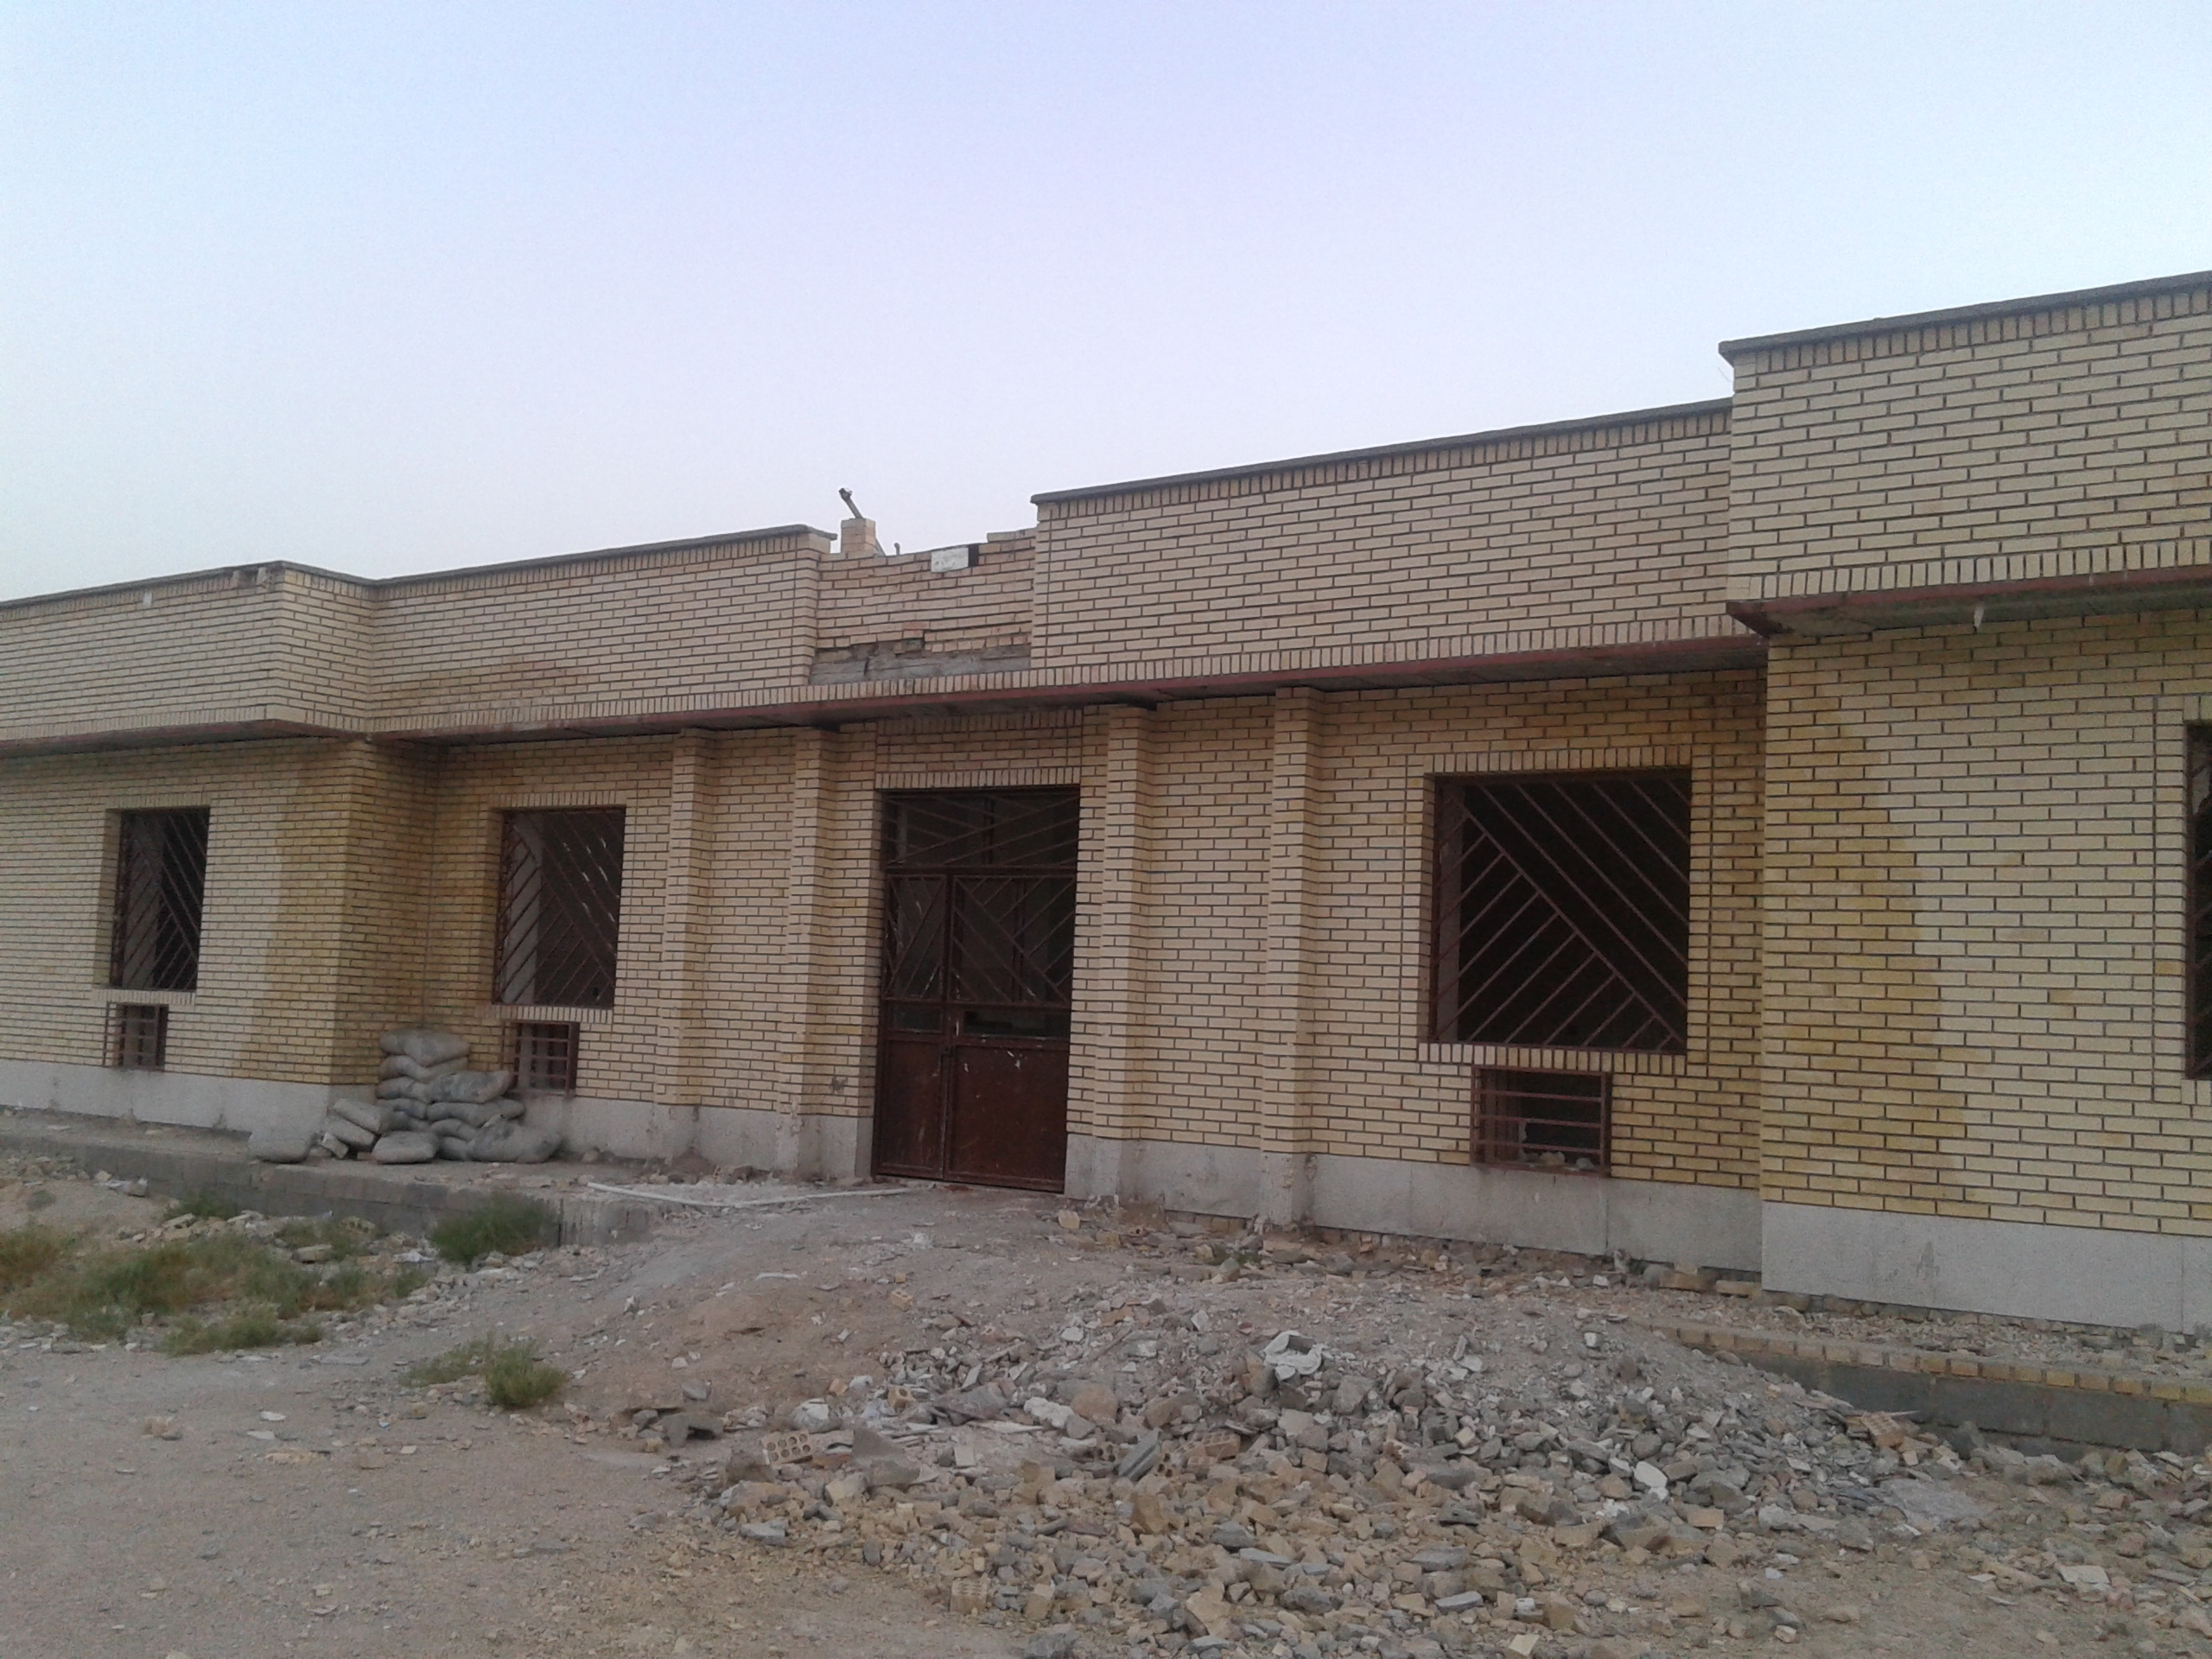 معصومی عضو شورای اسلامی روستای مرز: درمانگاه روستای مرز نیمه تمام رها شده